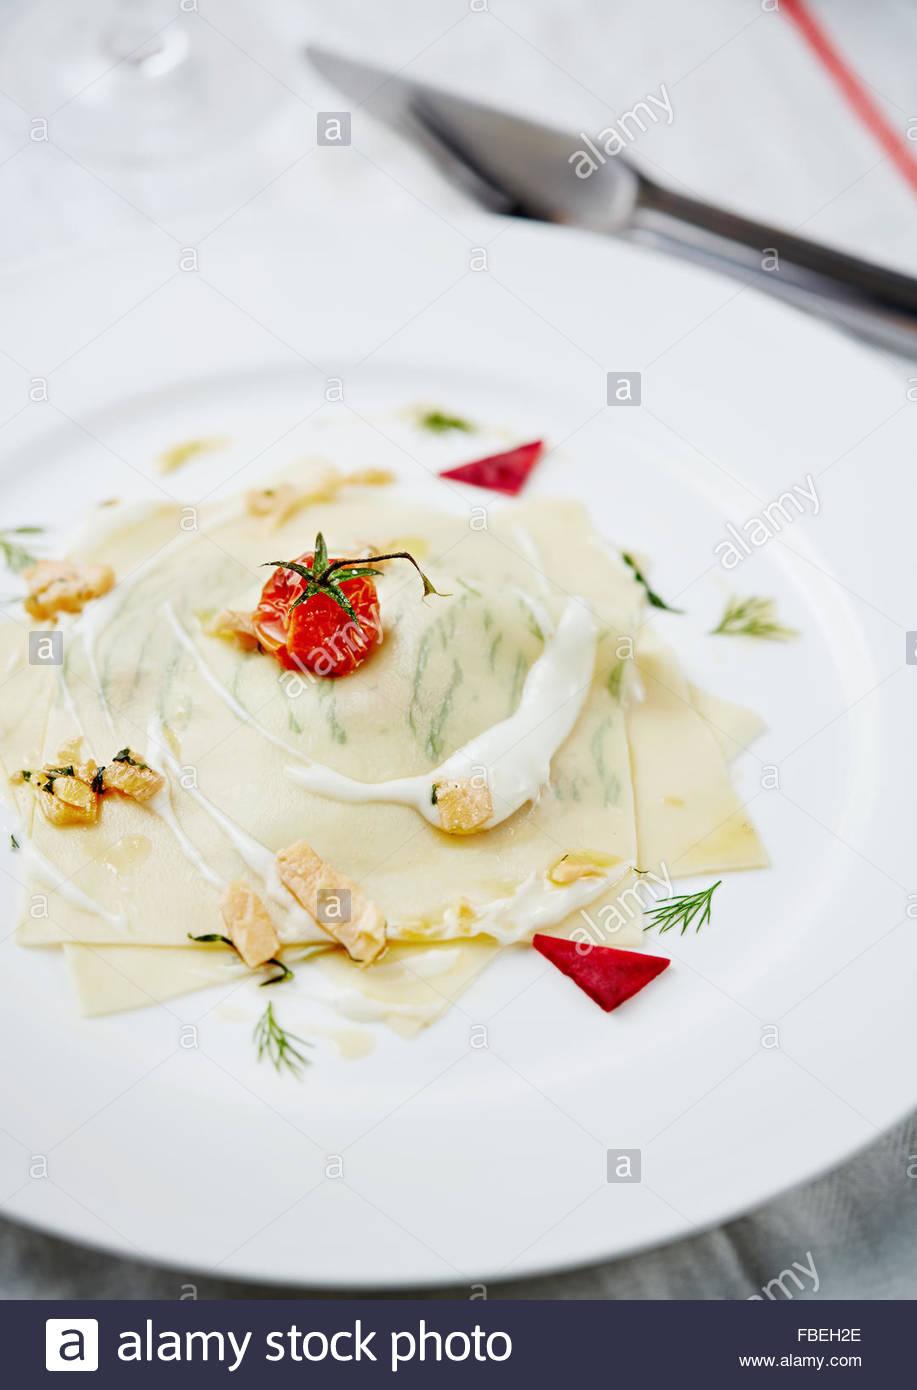 Il moderno modo di lasagne con trote. Il ristorante serve. Immagini Stock